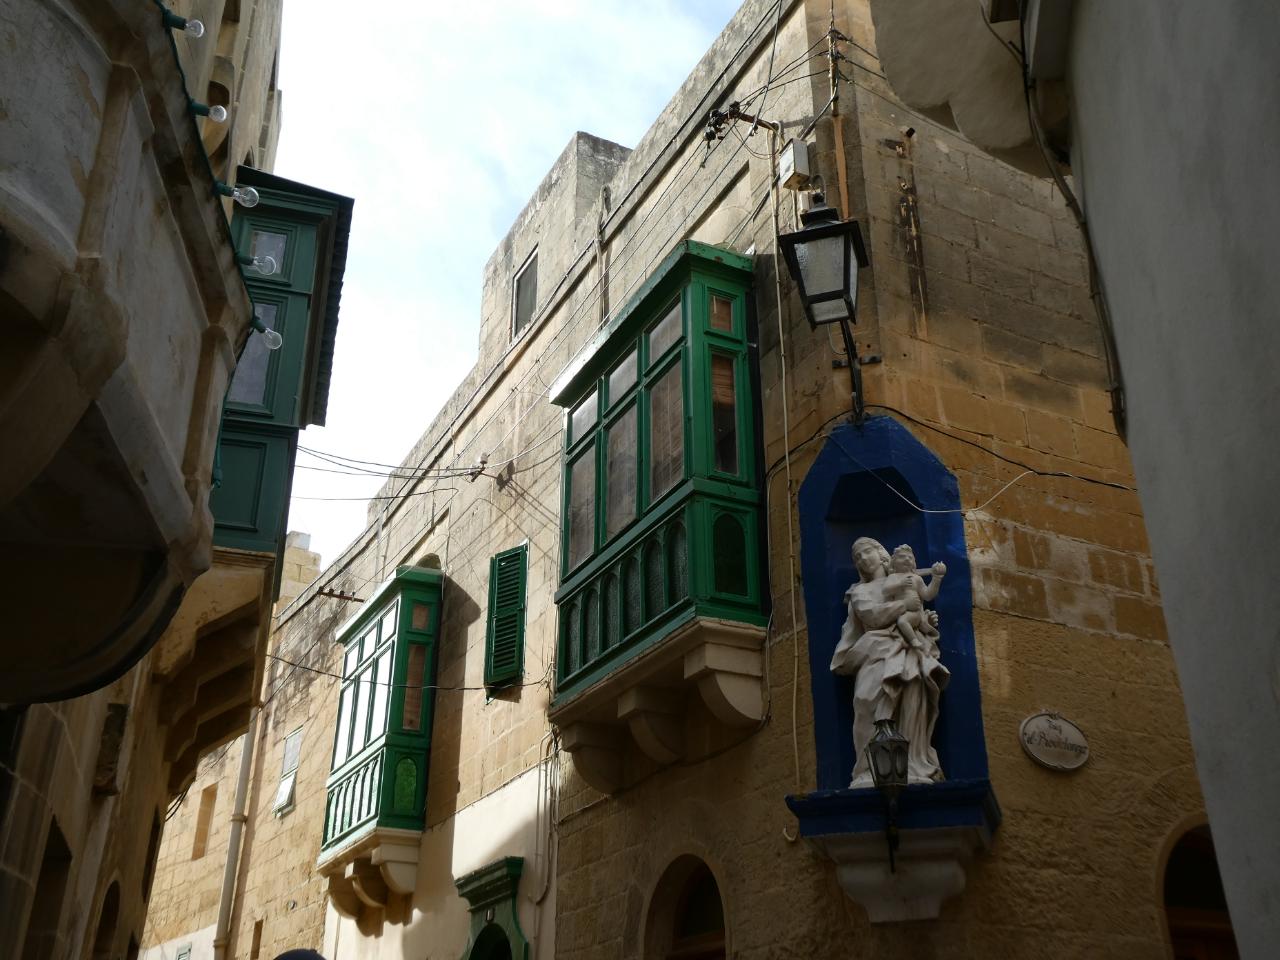 Photo 1: Rabat et le charme de ses ruelles à Gozo (Malte)